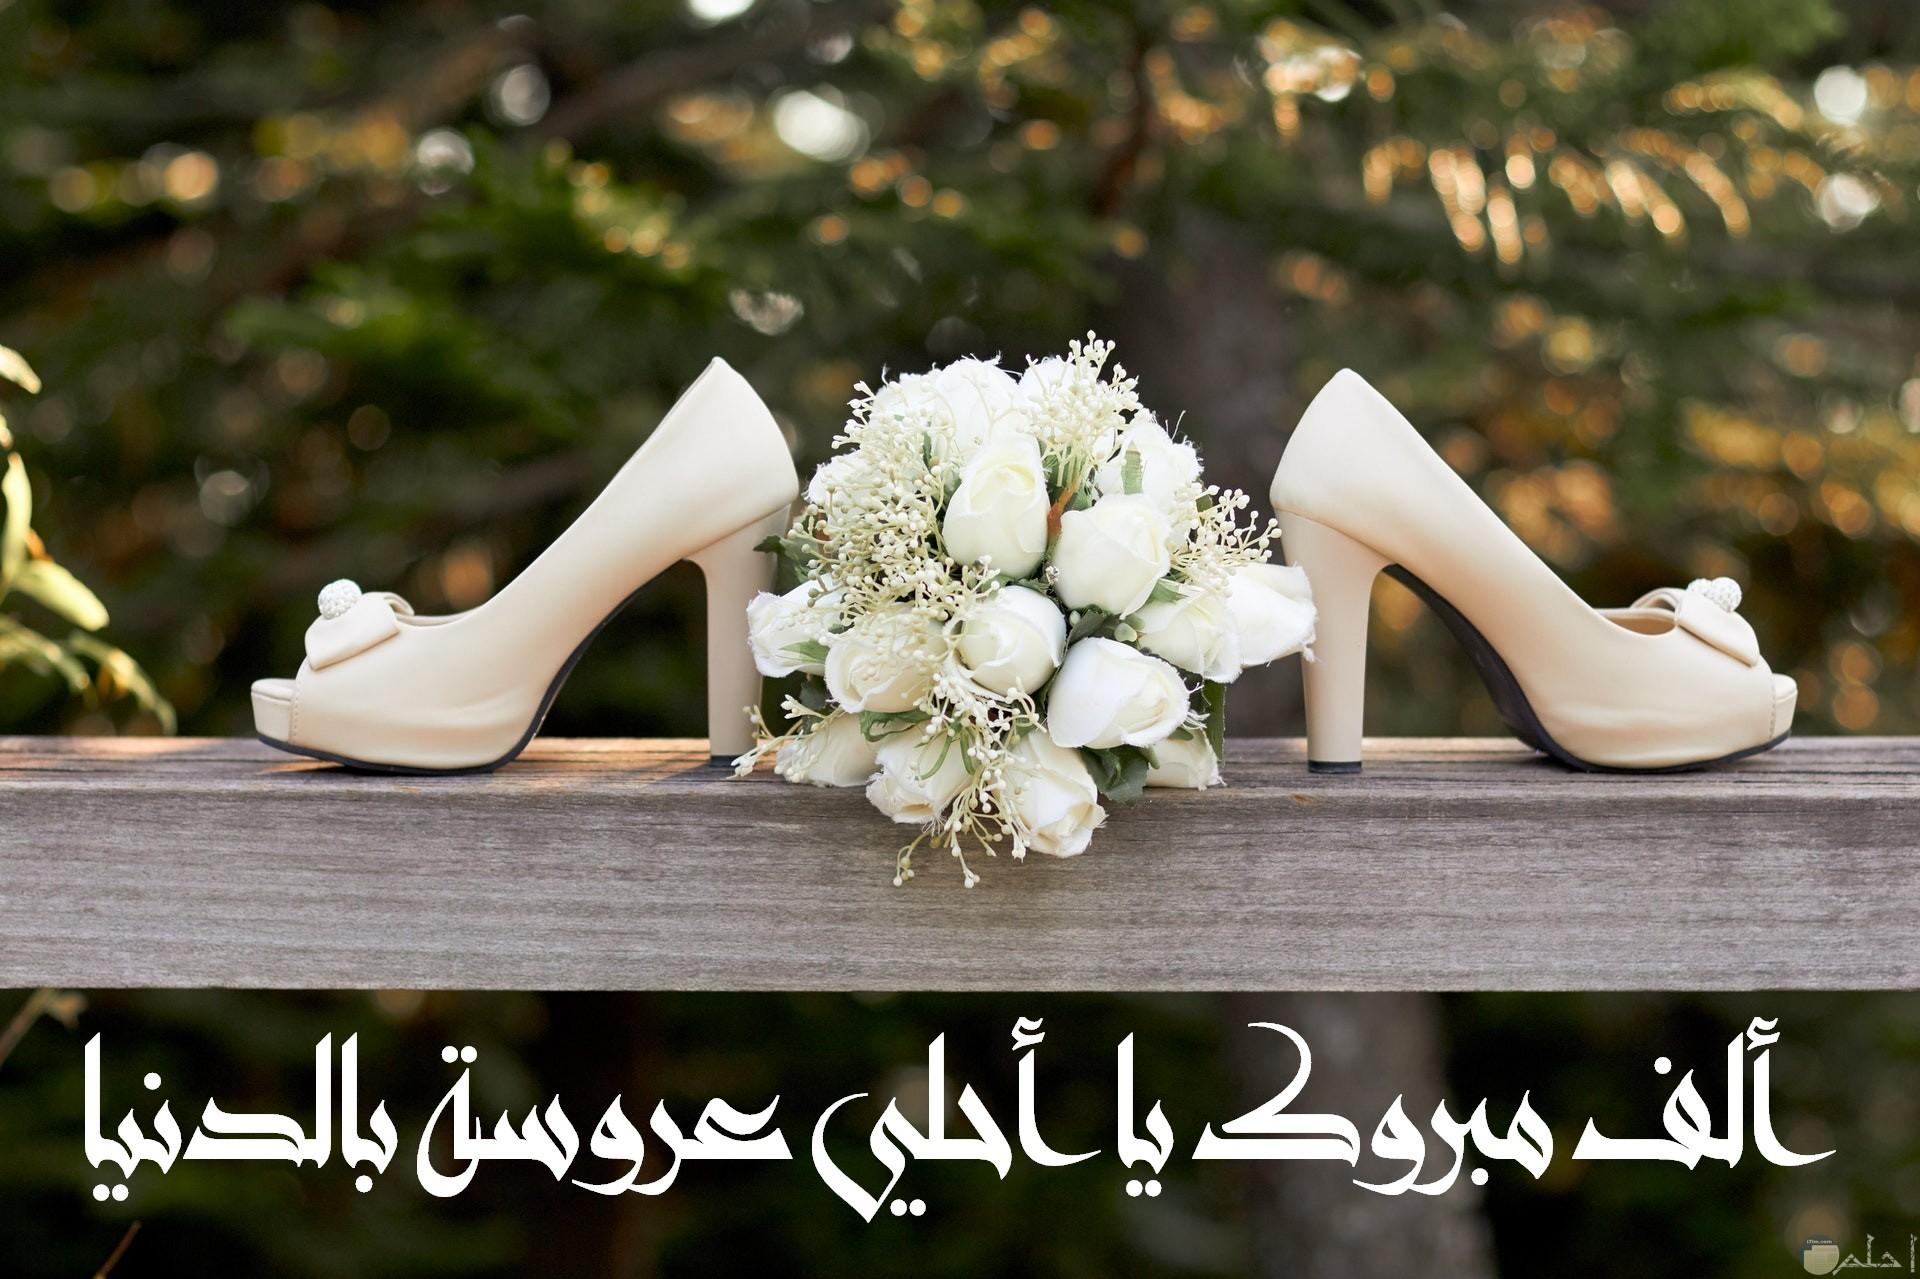 صورة تهنئة جميلة جدا مكتوب عليها ألف مبروك يا أحلي عروسة بالدنيا مع بوكيه ورد وحذاء أبيض حلو ومميز